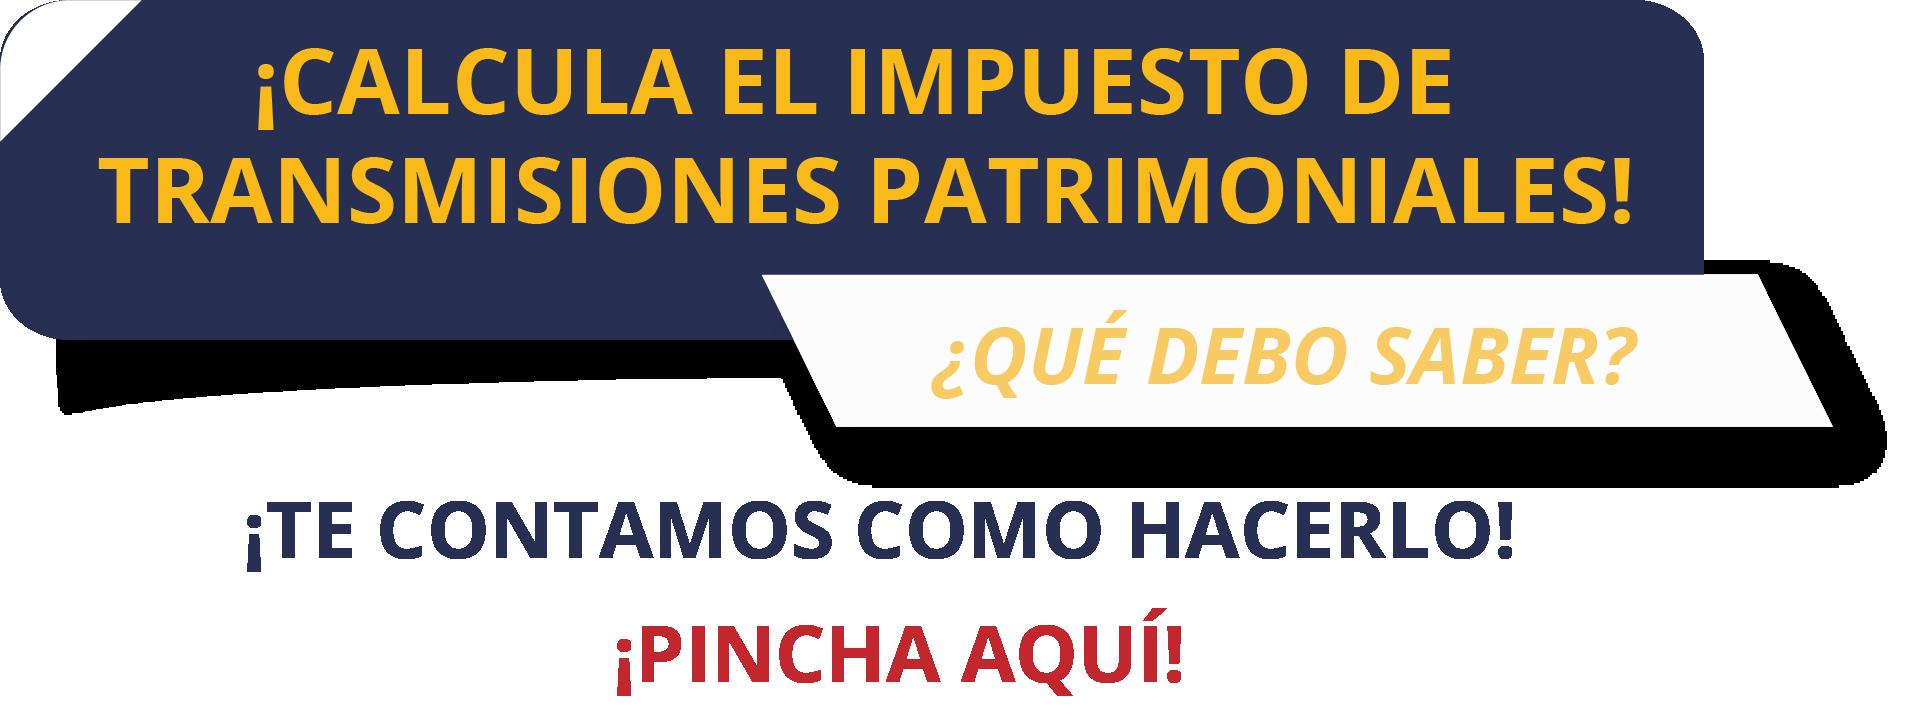 Impuesto de transmisiones abogado en Valencia